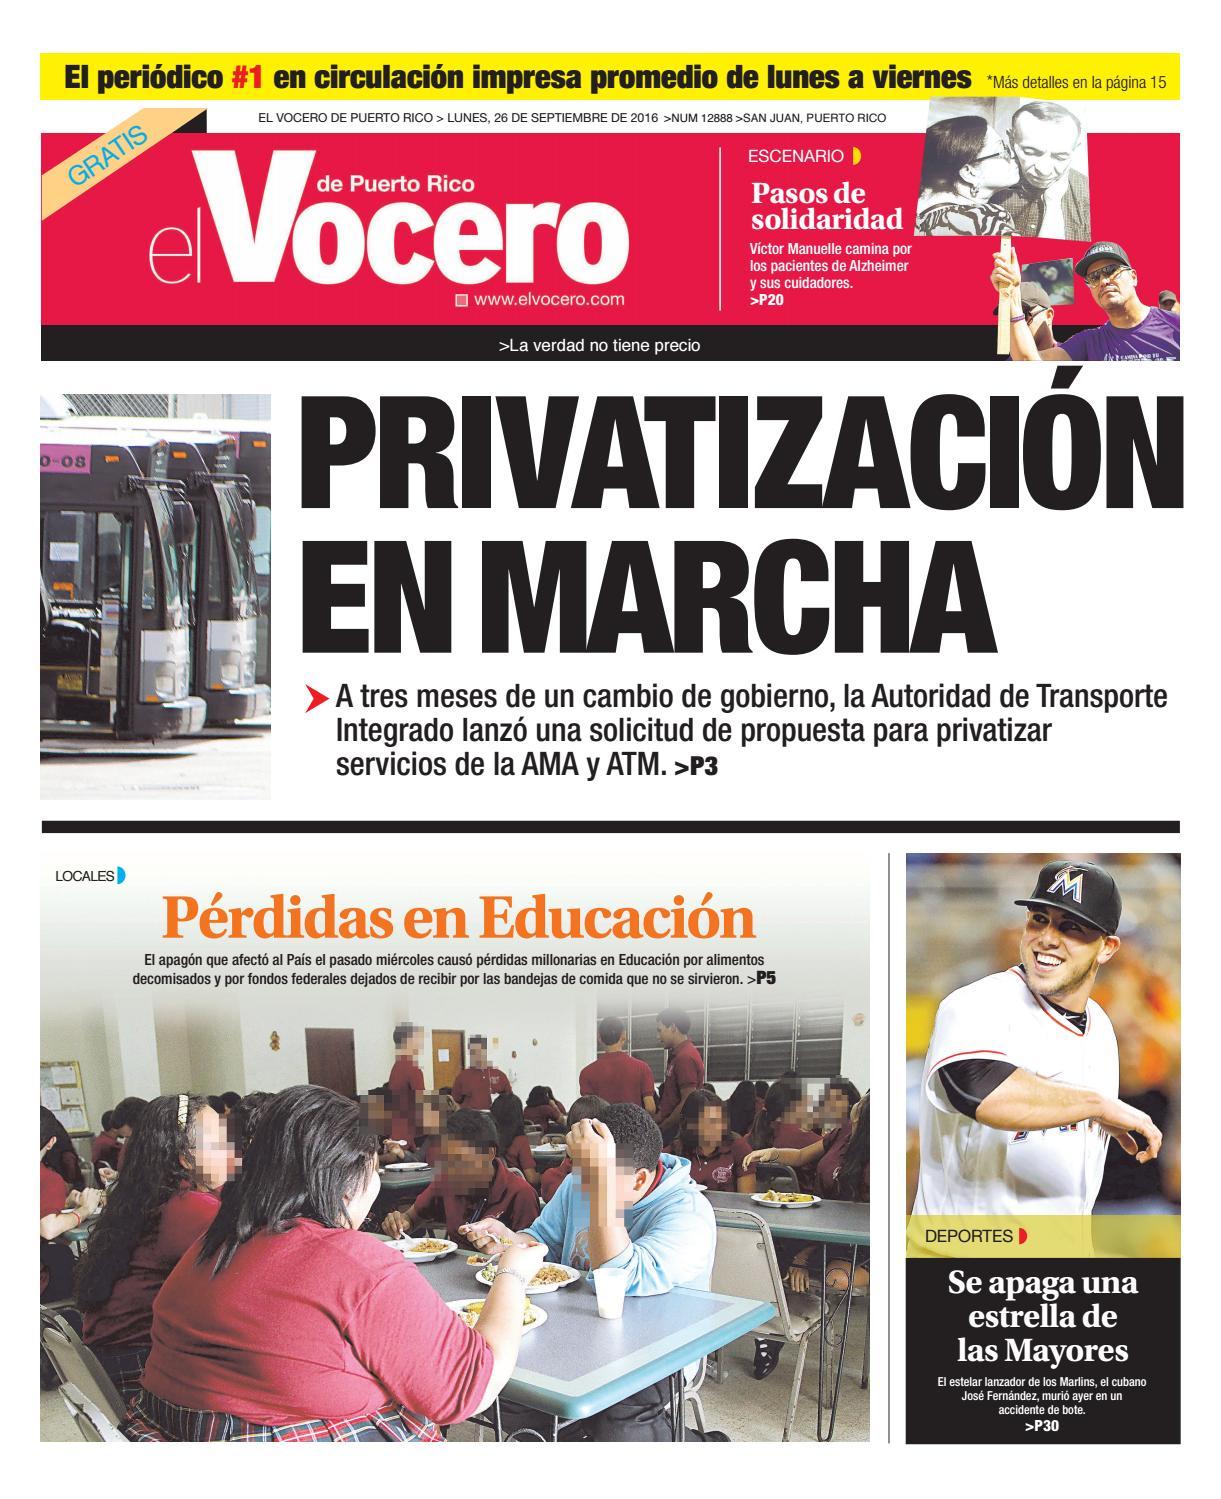 reputable site 5d1ef 3e7cf Edición 26 de Septiembre 2016 by El Vocero de Puerto Rico - issuu